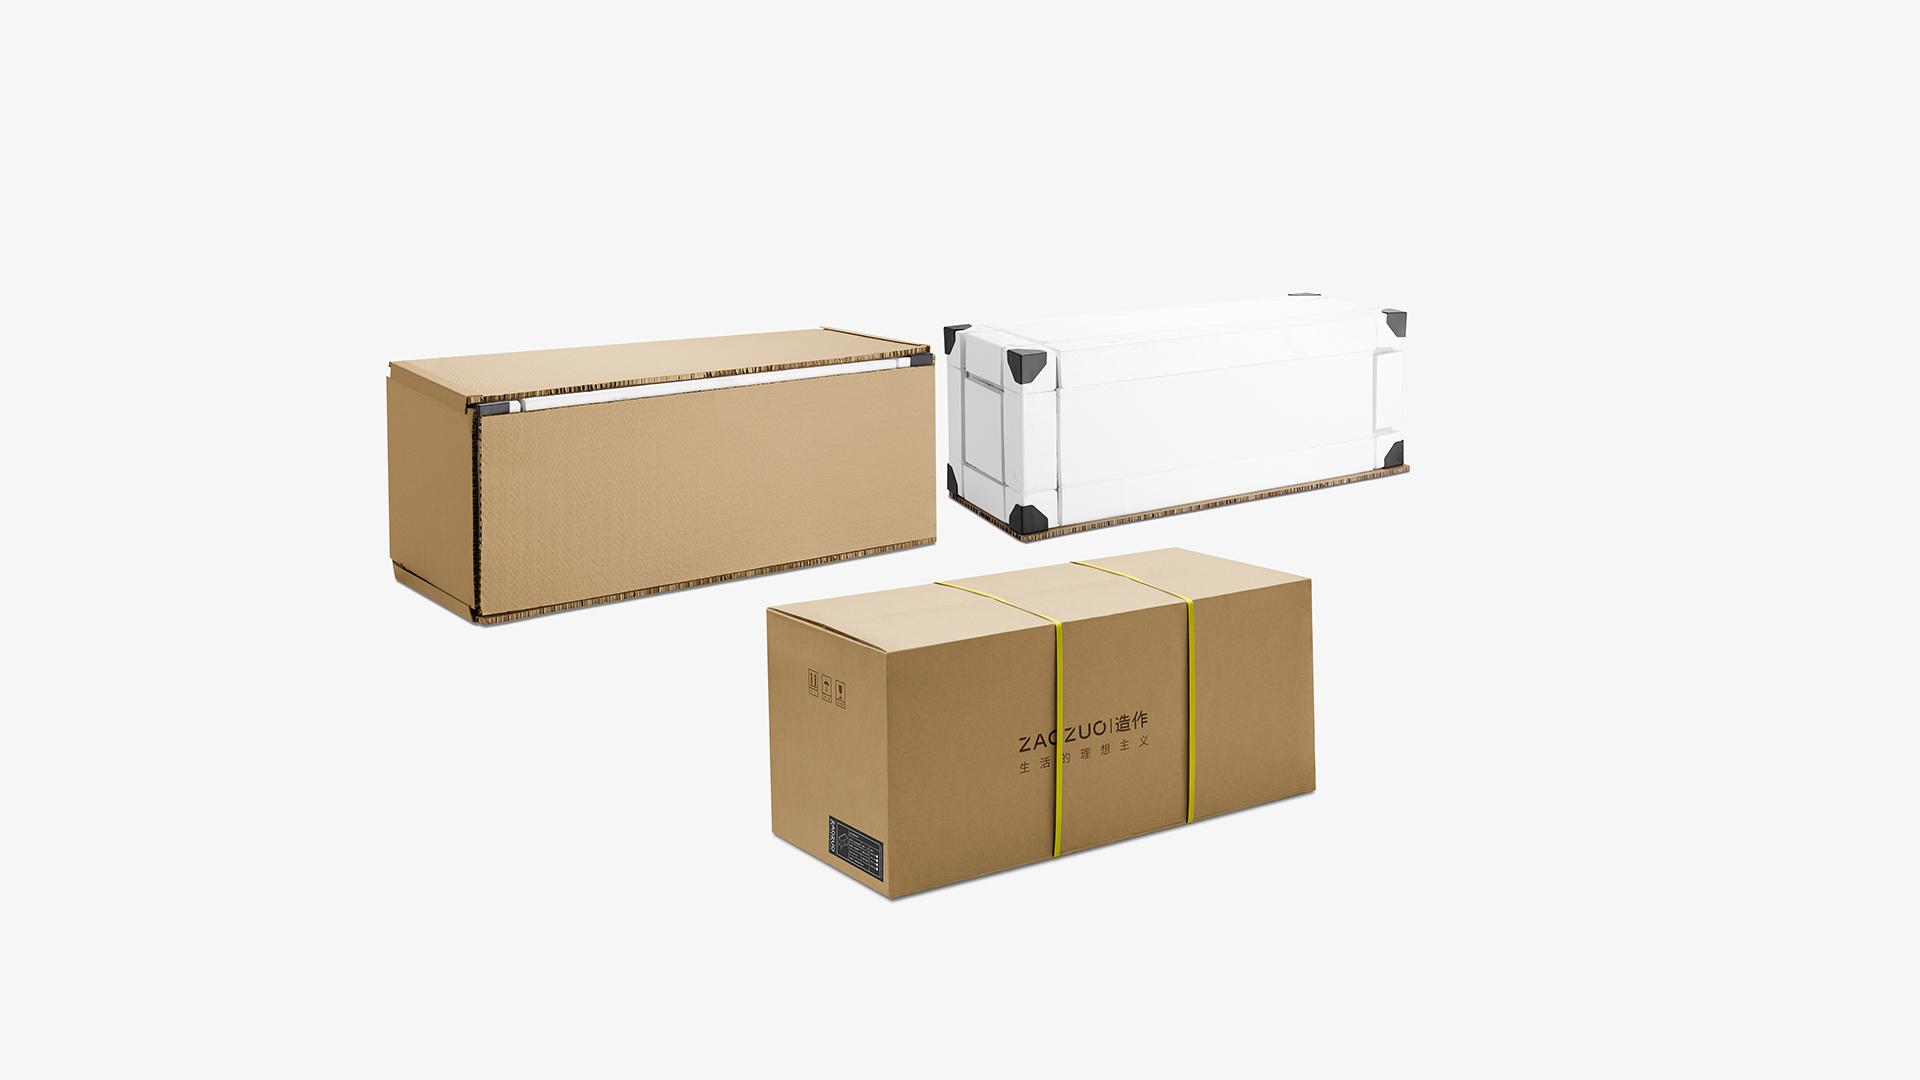 采用高强度瓦楞纸箱作外包装,无纺布袋封装包裹柜体,再以塑型保丽龙板固好,四角并设有PVC塑料护角防护,多层严苛的包装保护,确保产品安全完好送达?x-oss-process=image/format,jpg/interlace,1